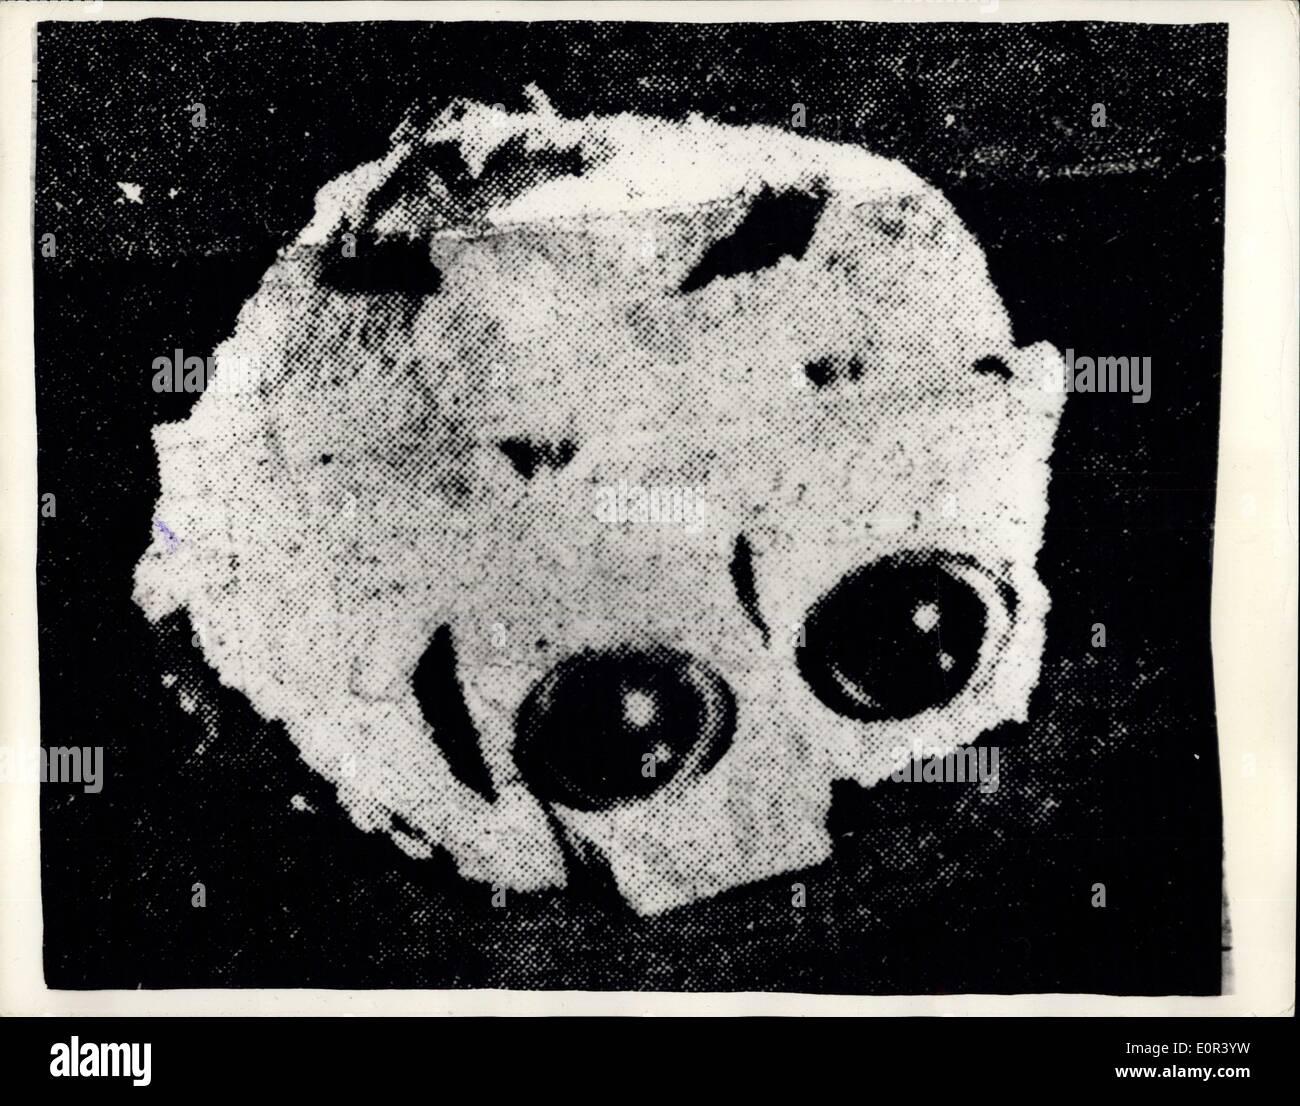 12 novembre 1957 - mystérieux objet tombe du ciel dans une cour de l'École d'Alexandrie: un petit objet flamboyant mystérieux est tombé du ciel - et a atterri dans la cour de l'école primaire Salah eldin, Moharren à Alexandria Bay, il y a quelques jours. Je l'objet était la forme d'un morceau de caoutchouc blanc avec deux lentilles installés dans un côté et un trou de l'autre côté-pluse un autre trou et une lentille de l'autre côté. Sur chacun de ces verres il y avait la pièce de fil de cuivre Photo Stock